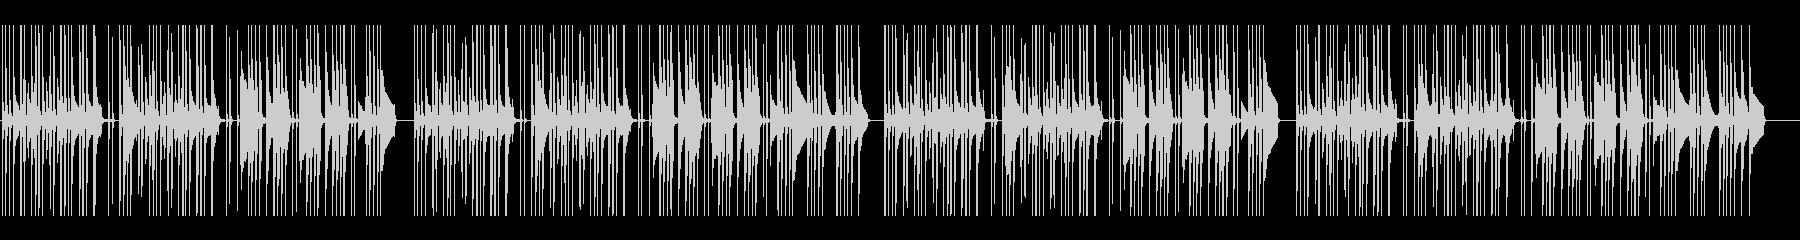 木琴で奏でるコミカルで不思議な曲の未再生の波形